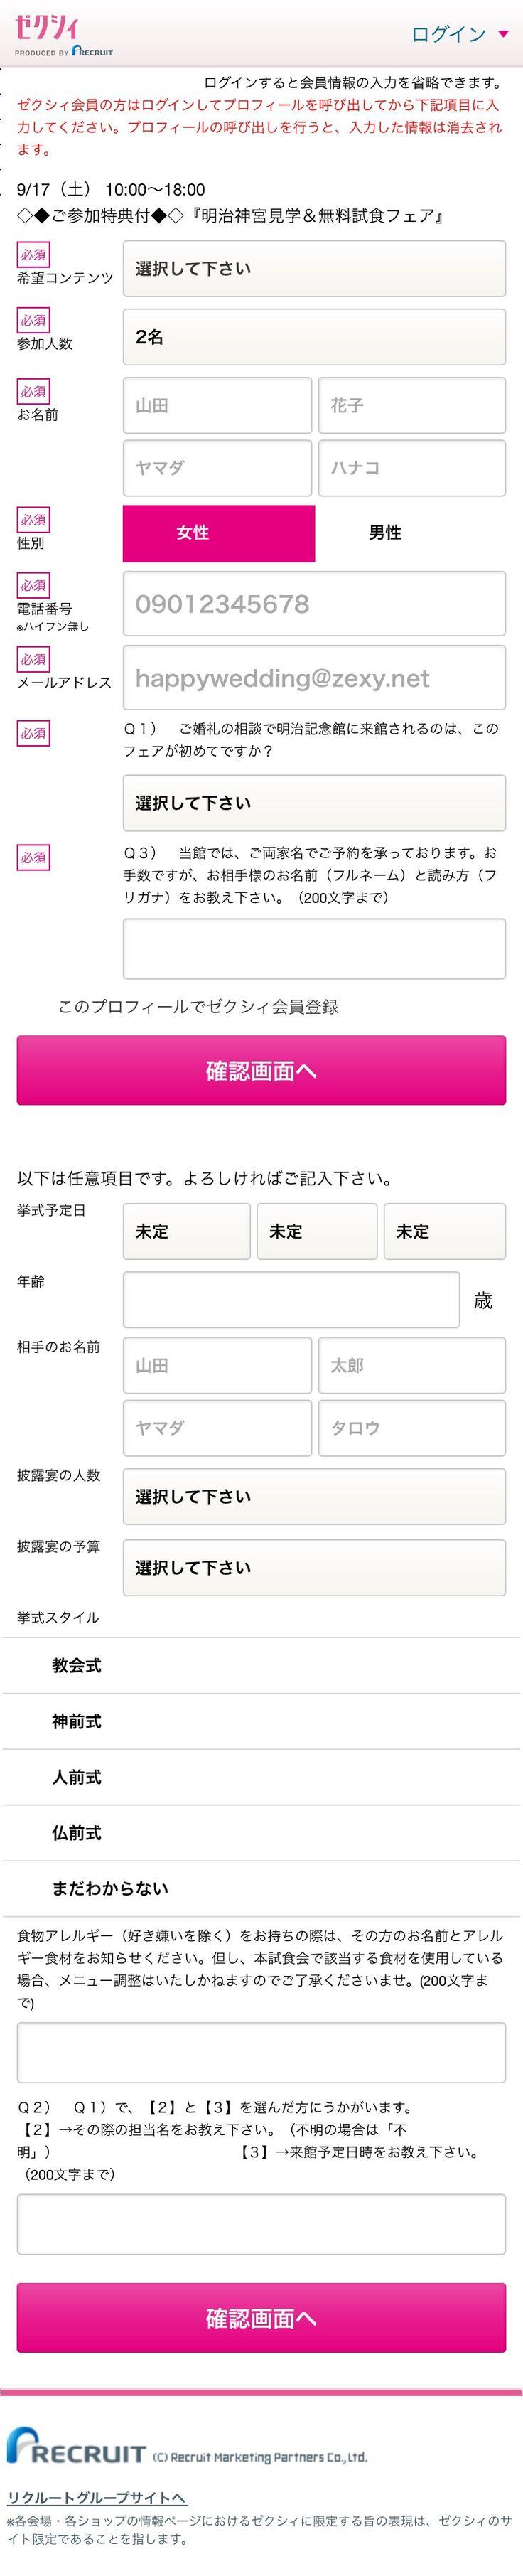 ゼクシィ SP 申込フォーム